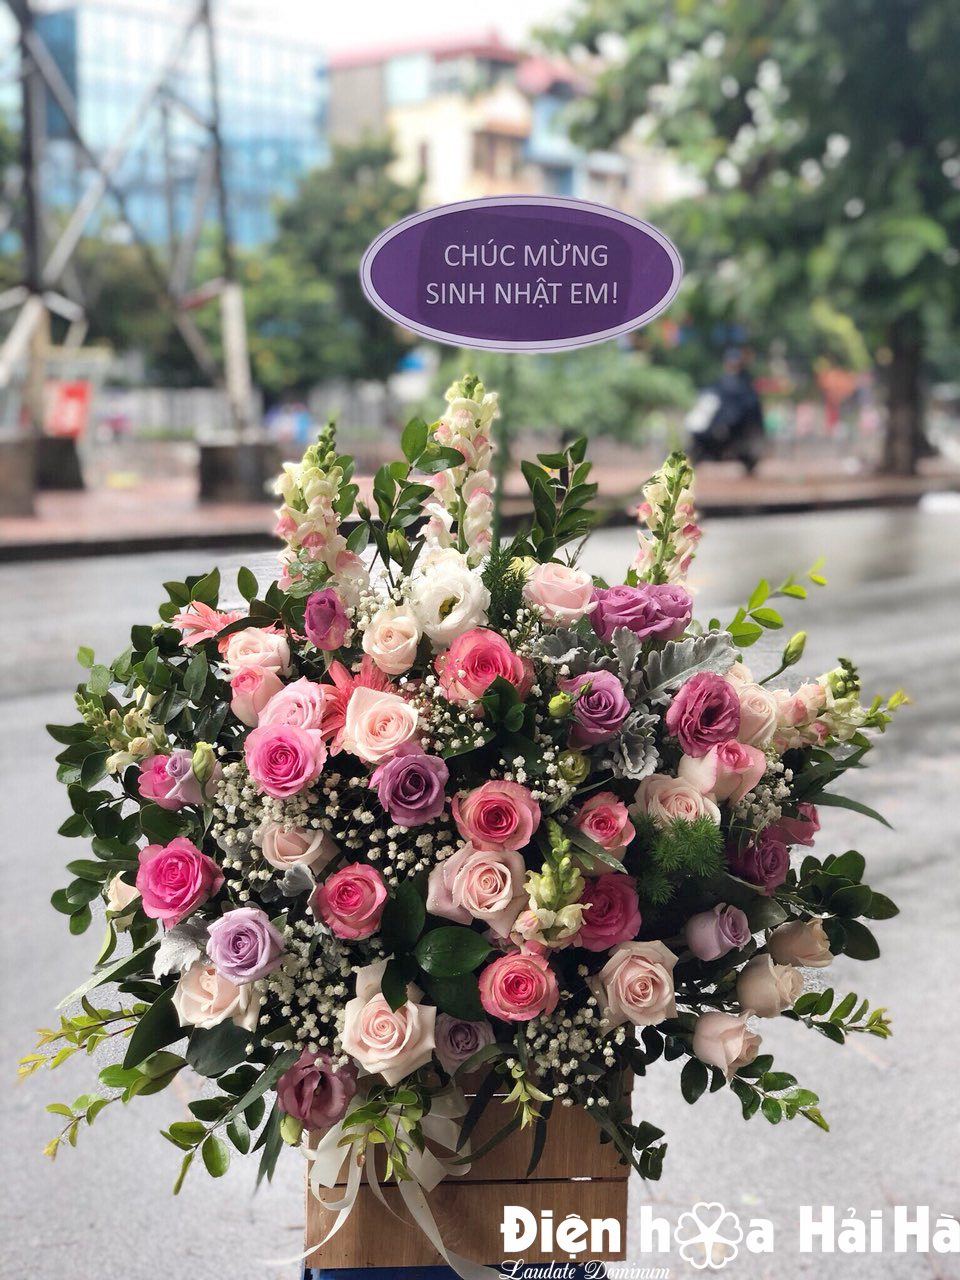 Giỏ hoa đẹp tặng chúc mừng